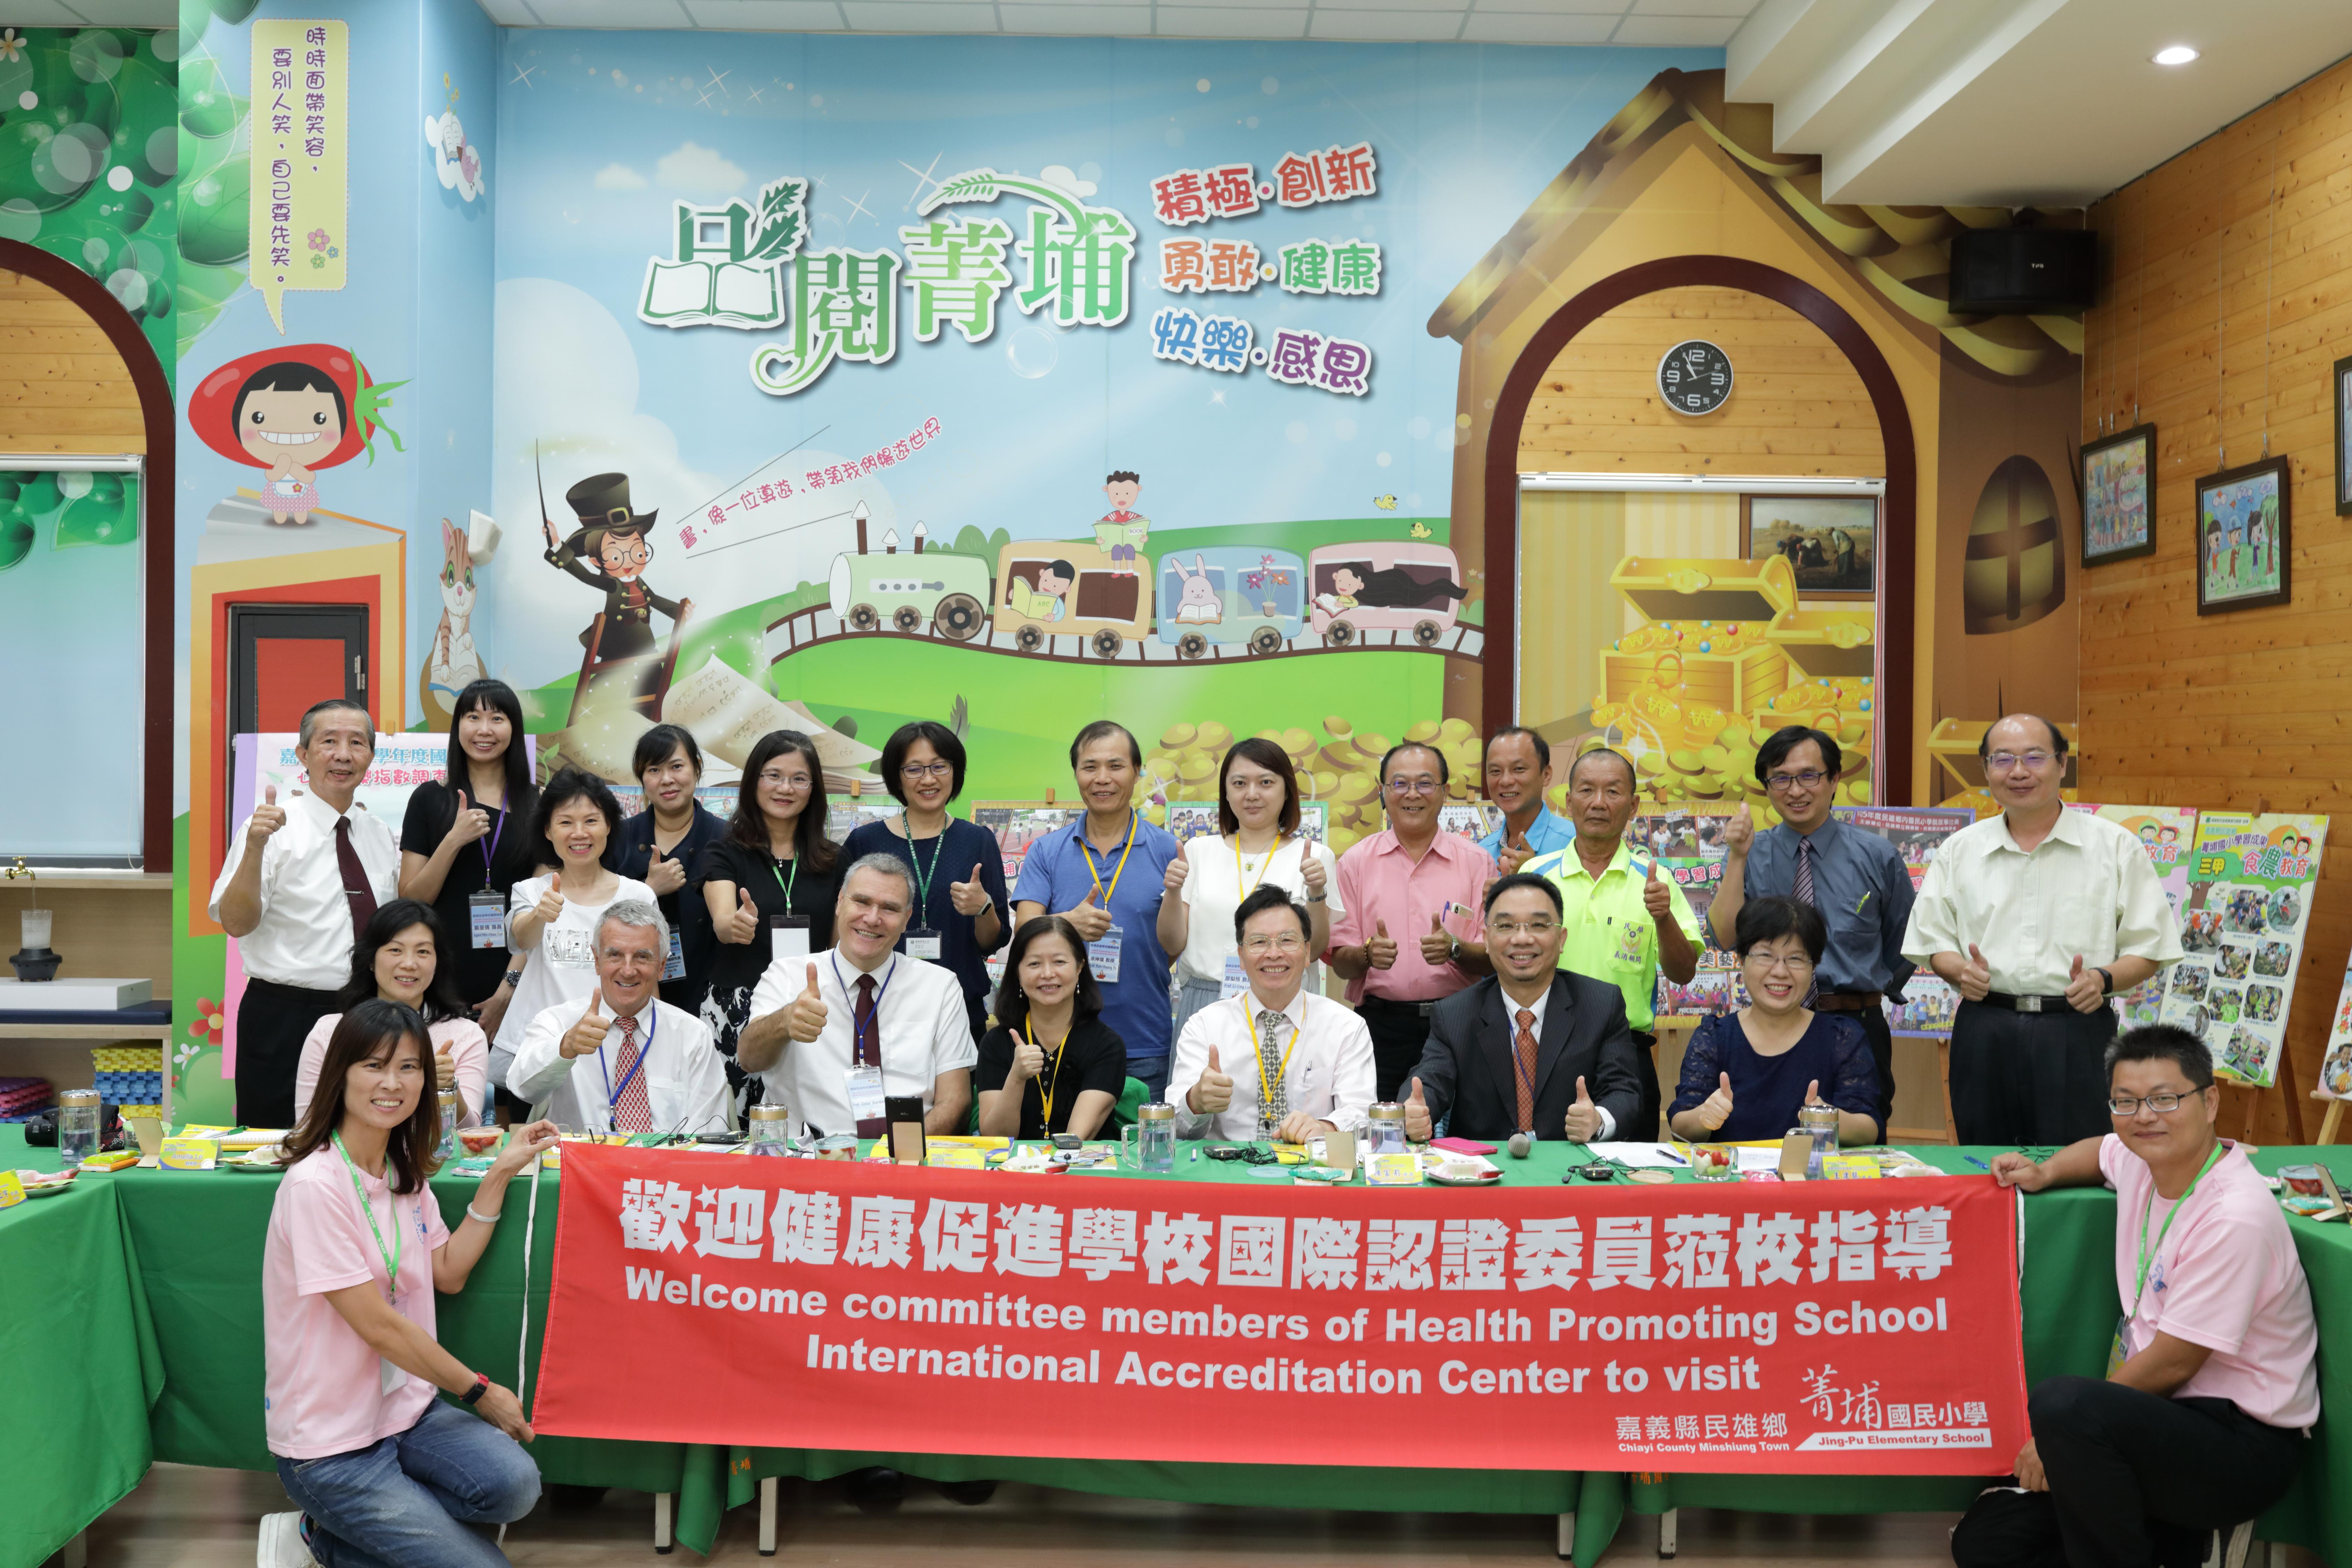 Comité d'accréditation des écoles promotrices de santé